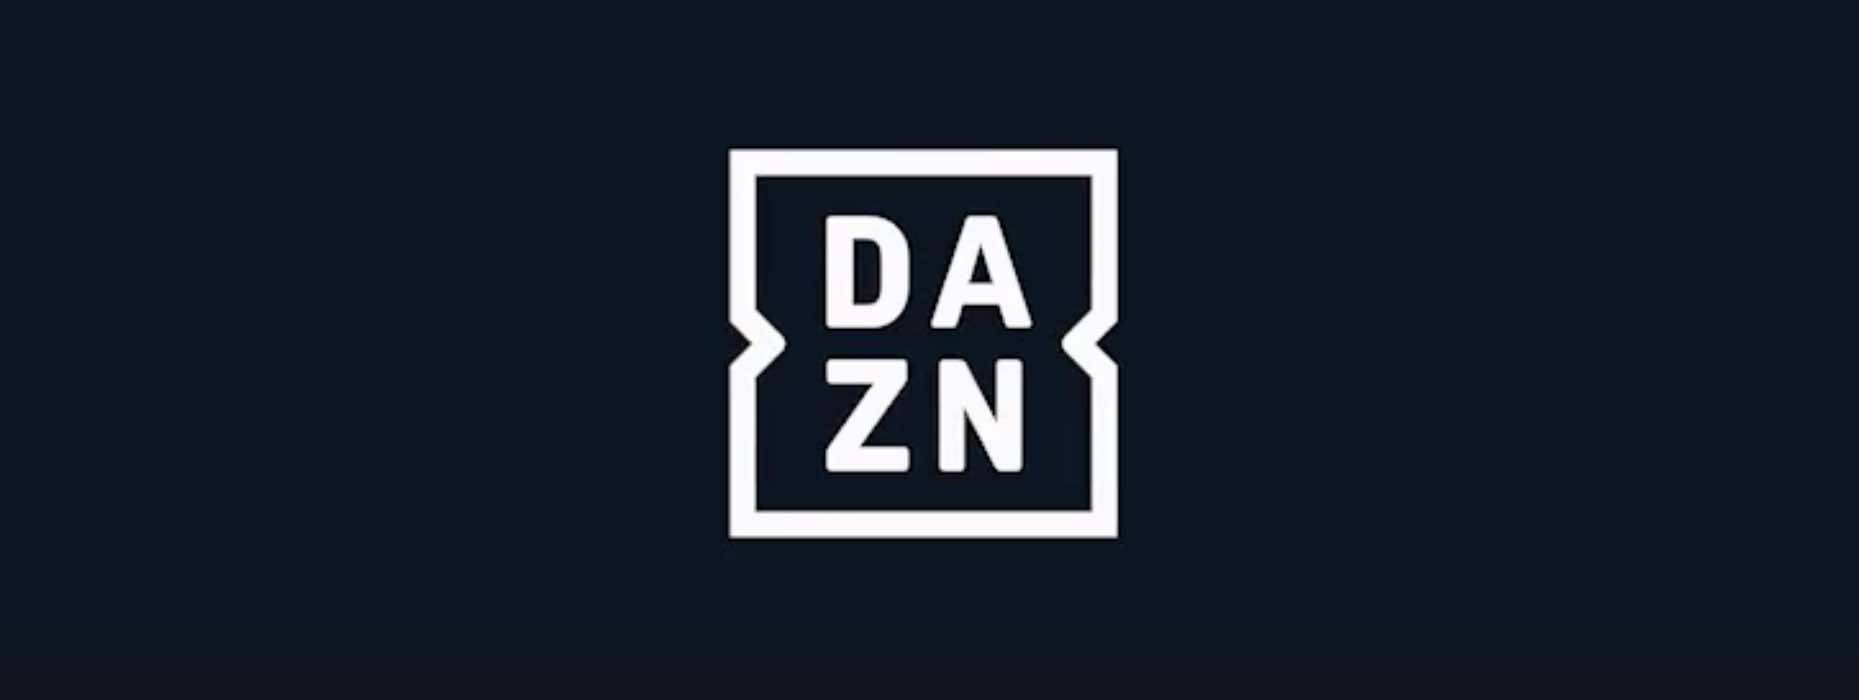 DAZN come Netflix, il 6 ottobre termina la prova gratuita: ecco cosa cambia